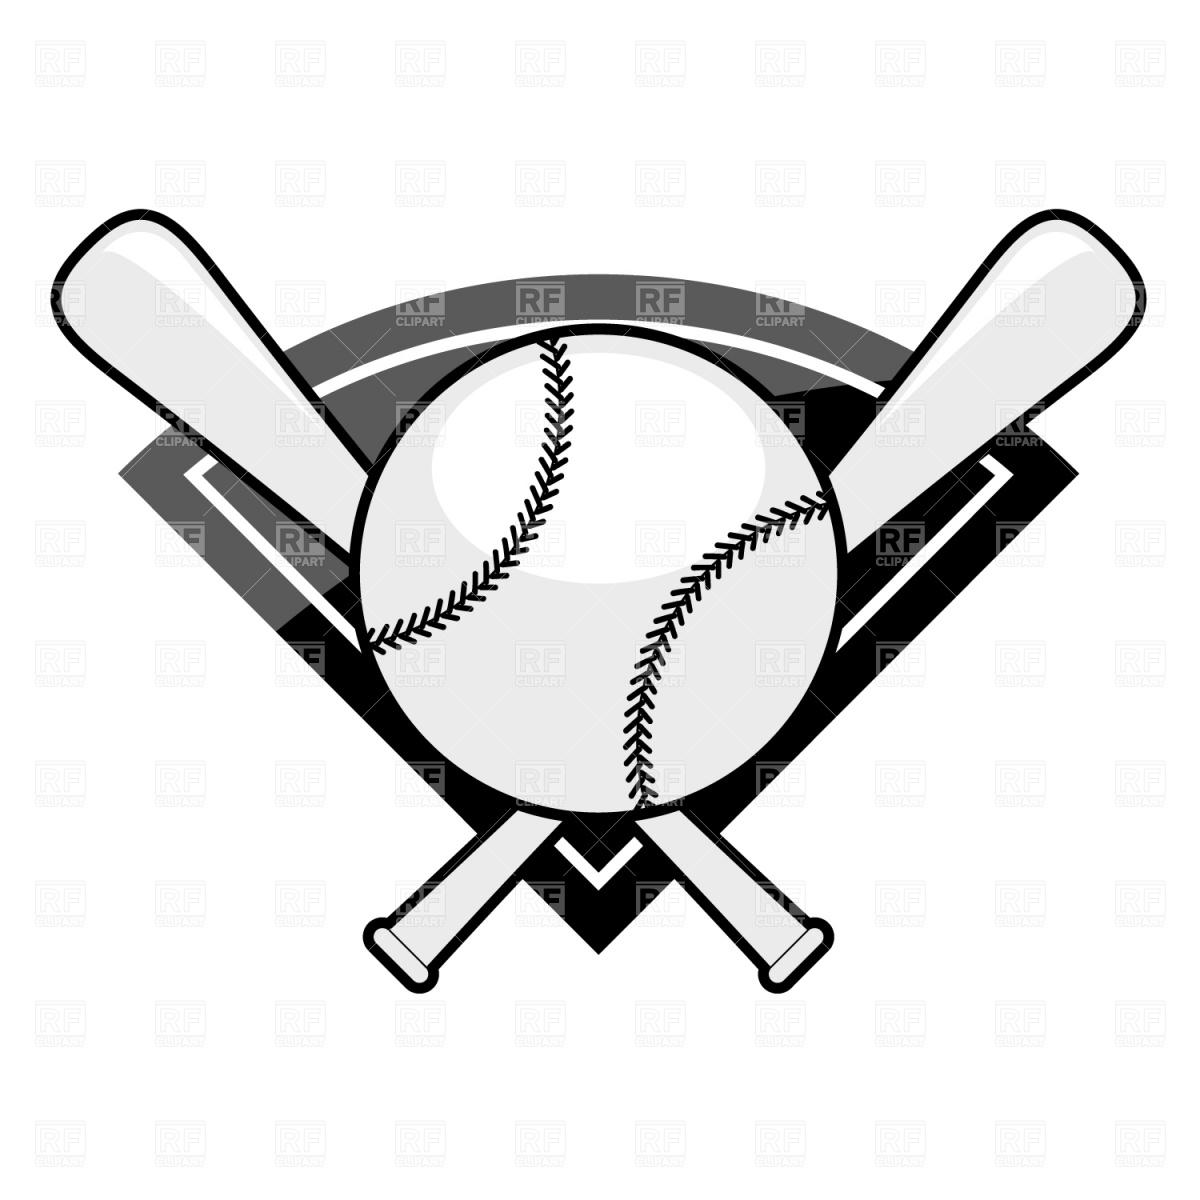 1200x1200 Baseball Outline Clipart